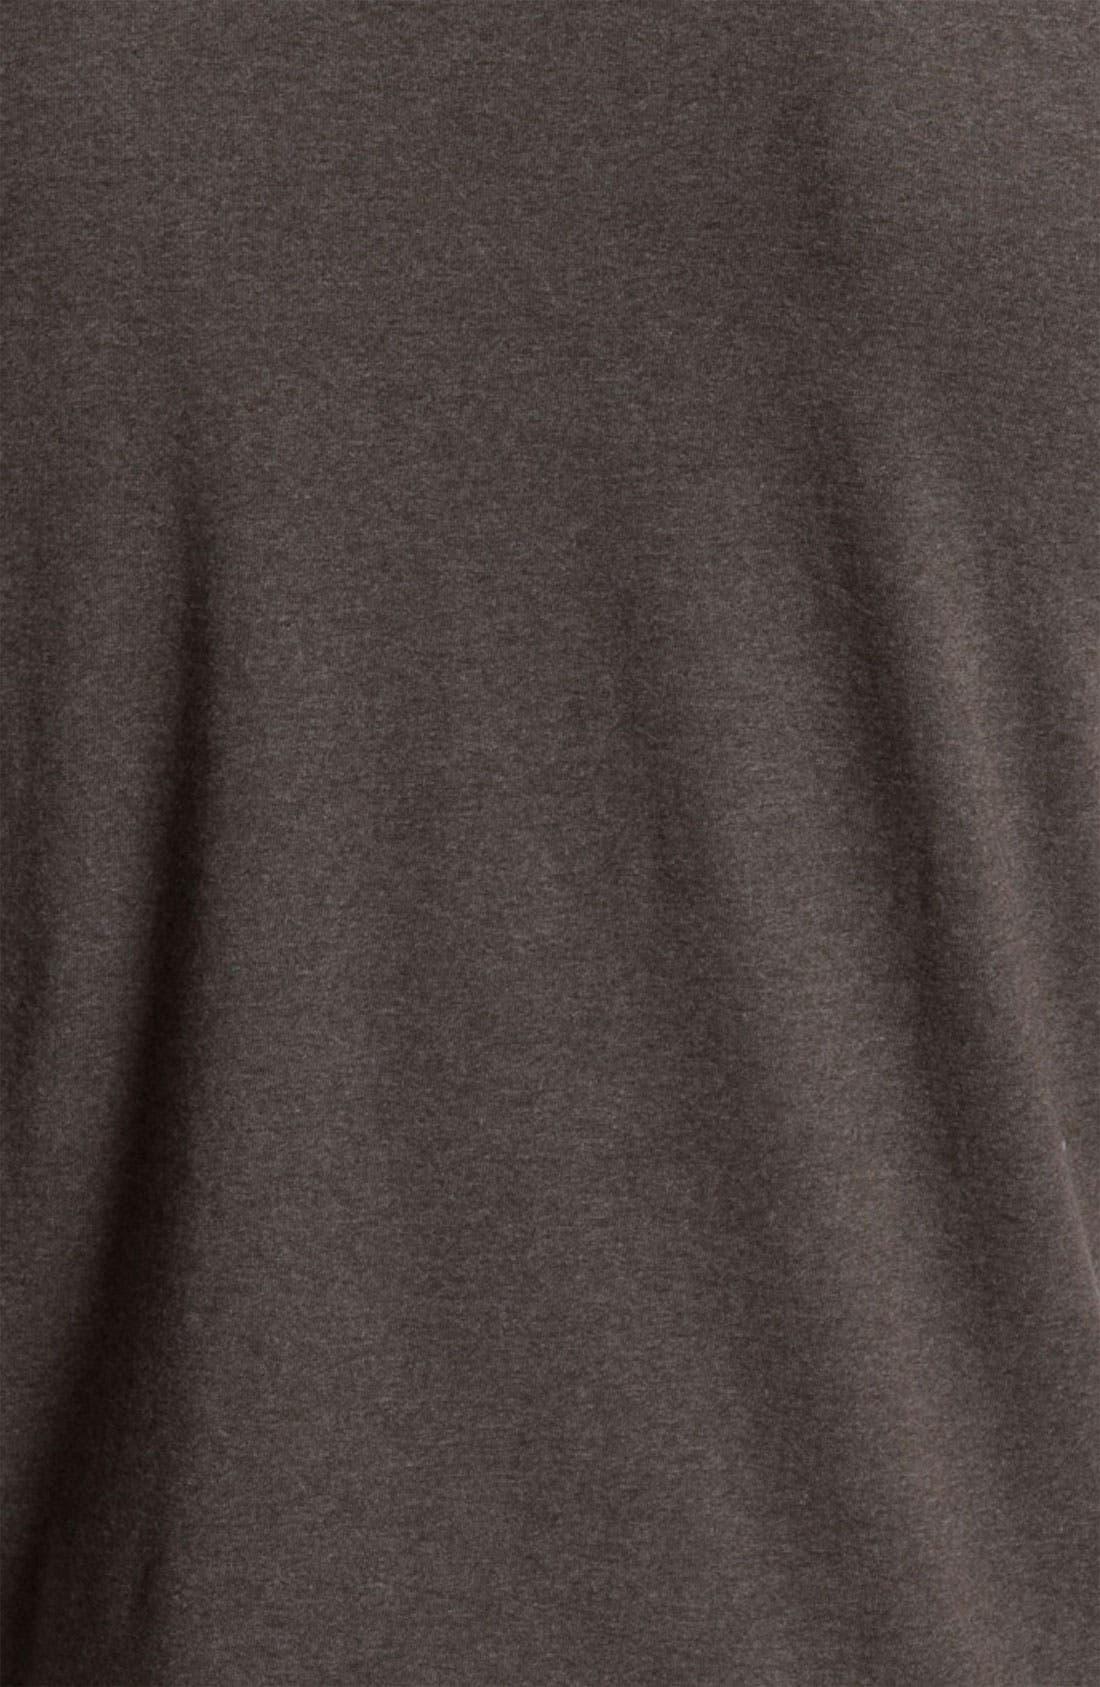 Alternate Image 3  - PalmerCash 'I'm Not Yelling' T-Shirt